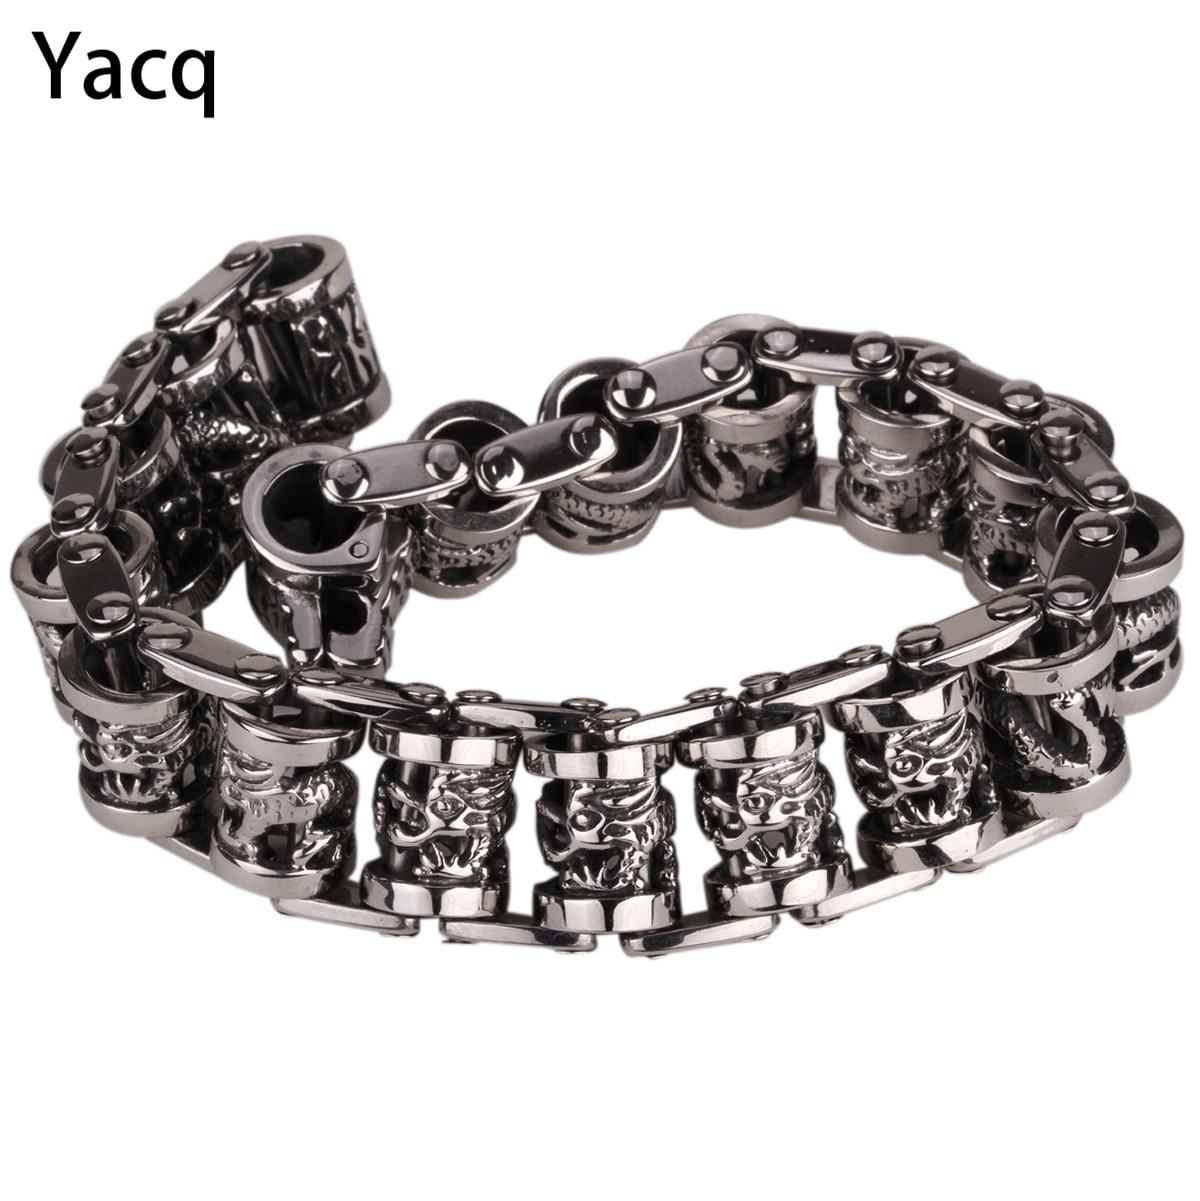 Yacq мужчины дракон браслет из нержавеющей стали 316L Байкер Heavy Punk Rock подарок ювелирных изделий для него папа Серебряный тон 8.5 GB312 дропшиппинг ...